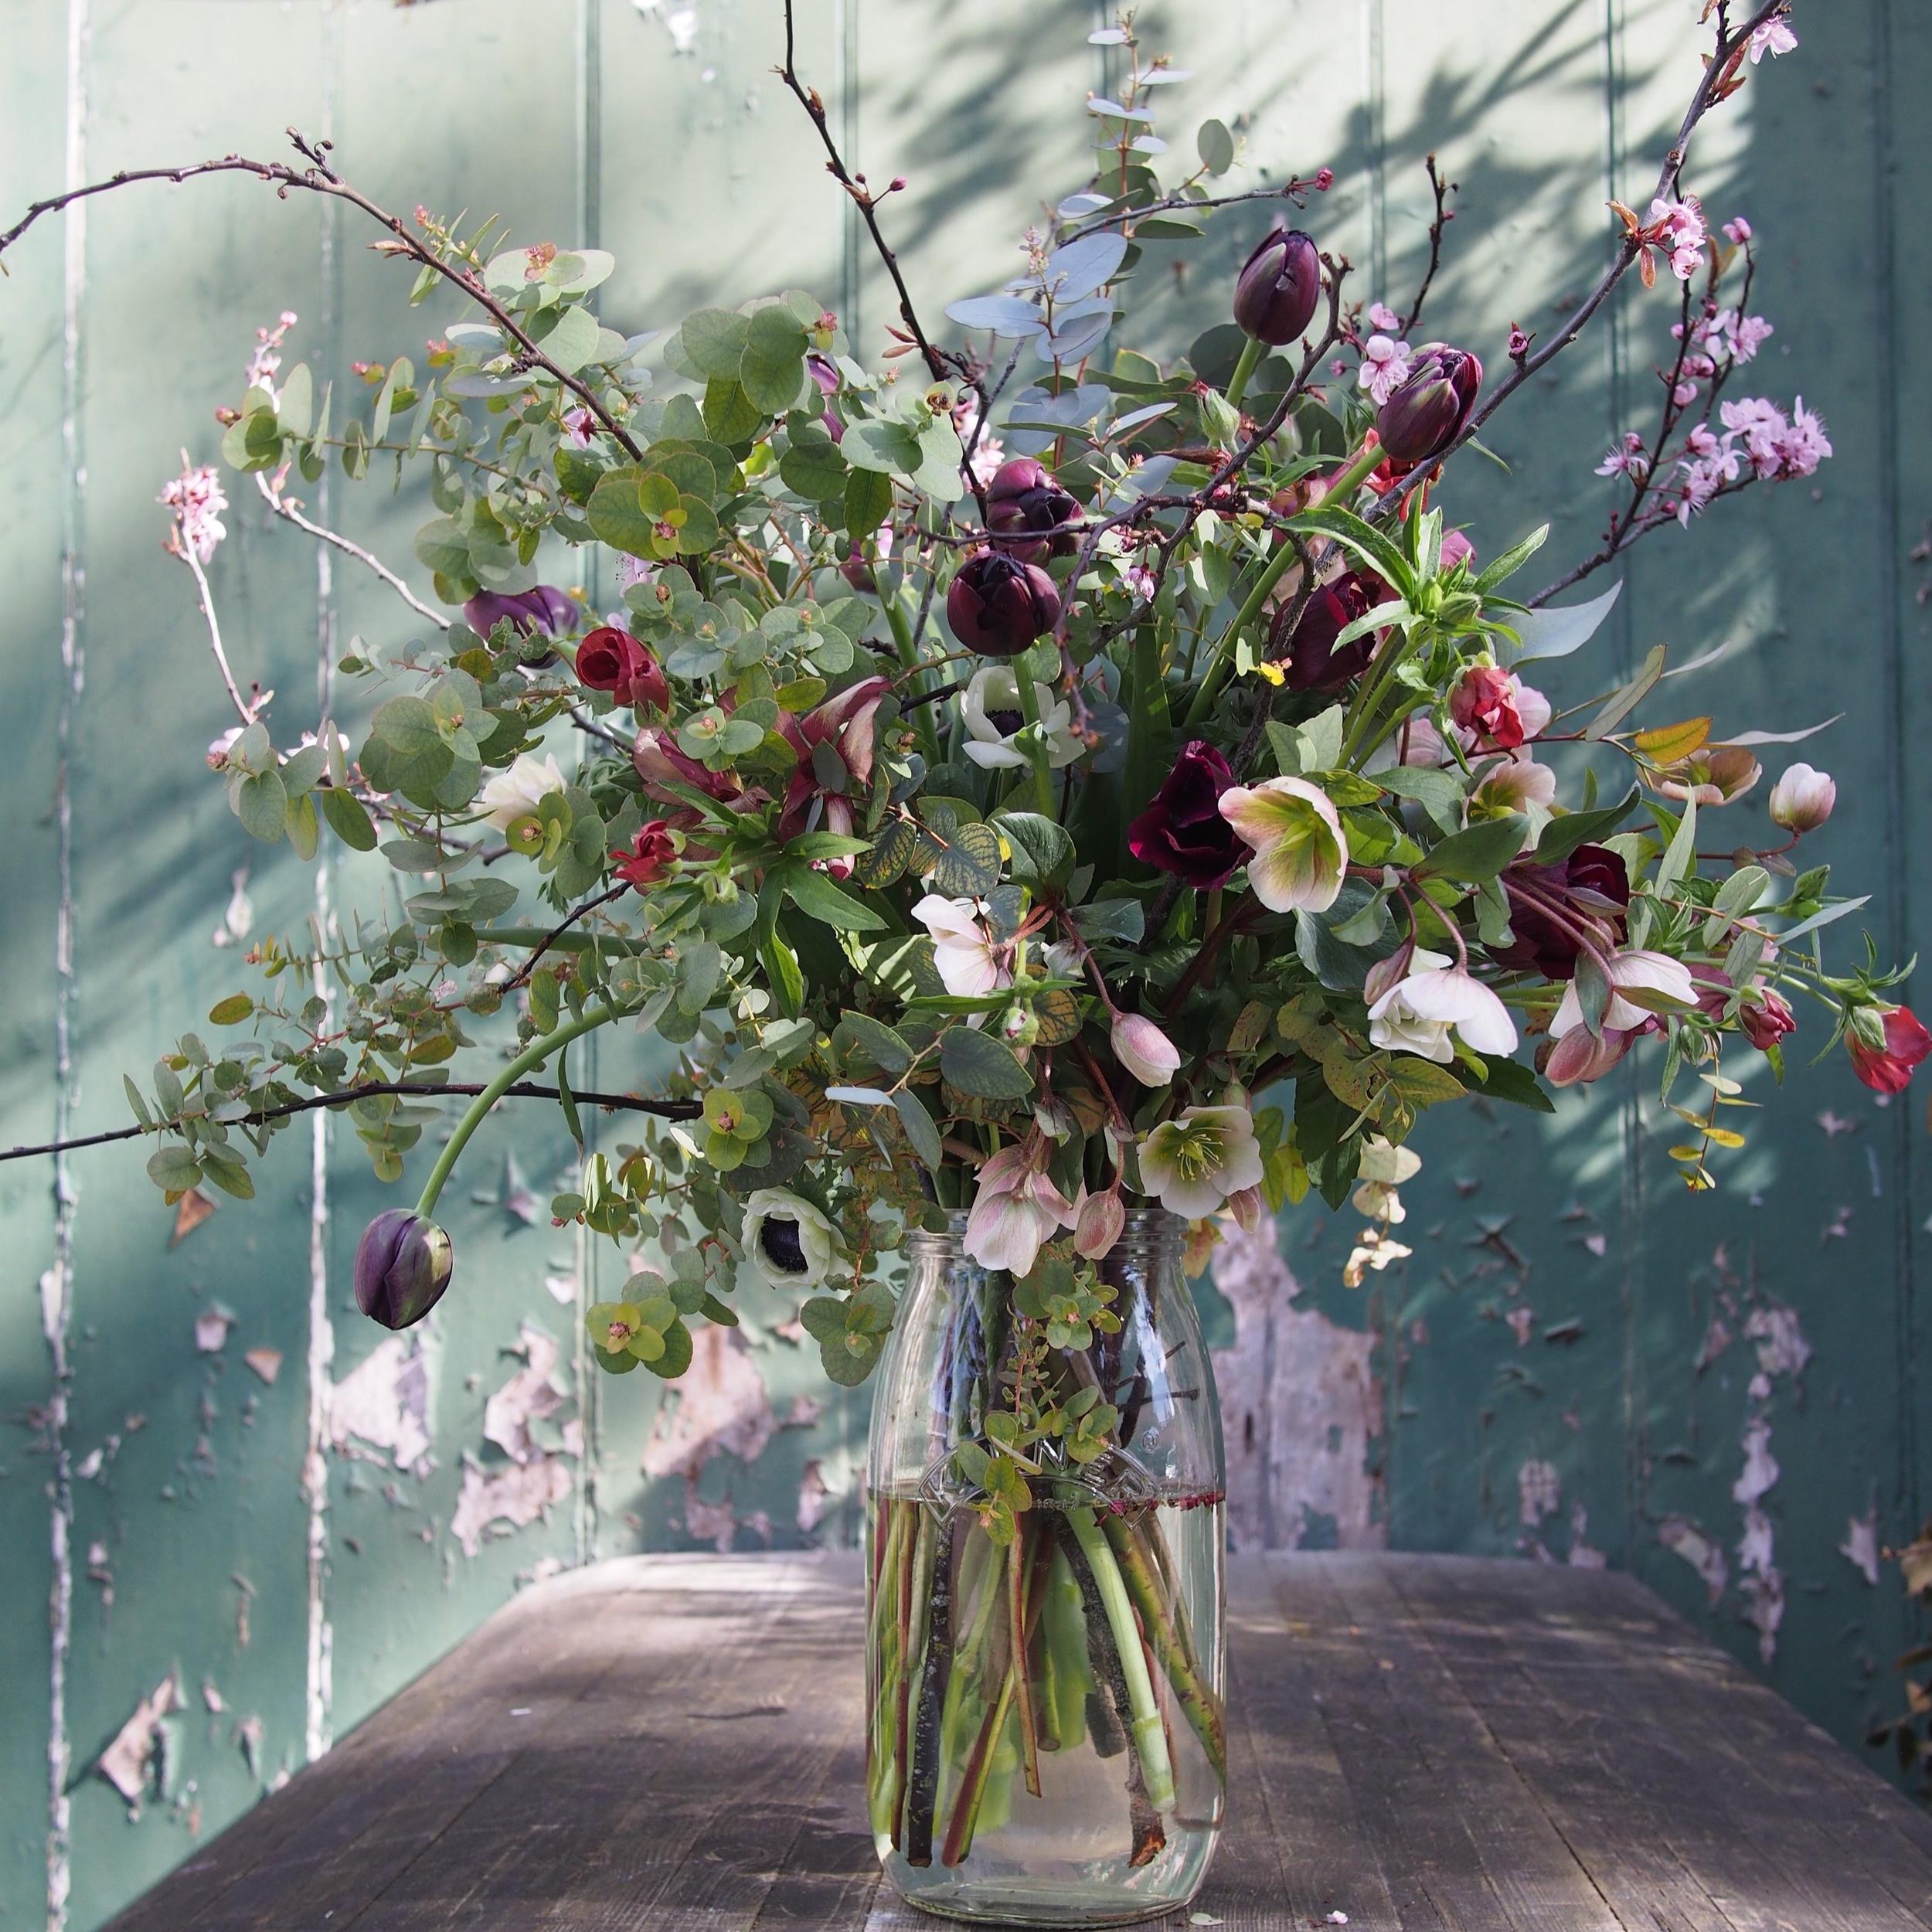 Kilner Jar of Seasonal Flowers